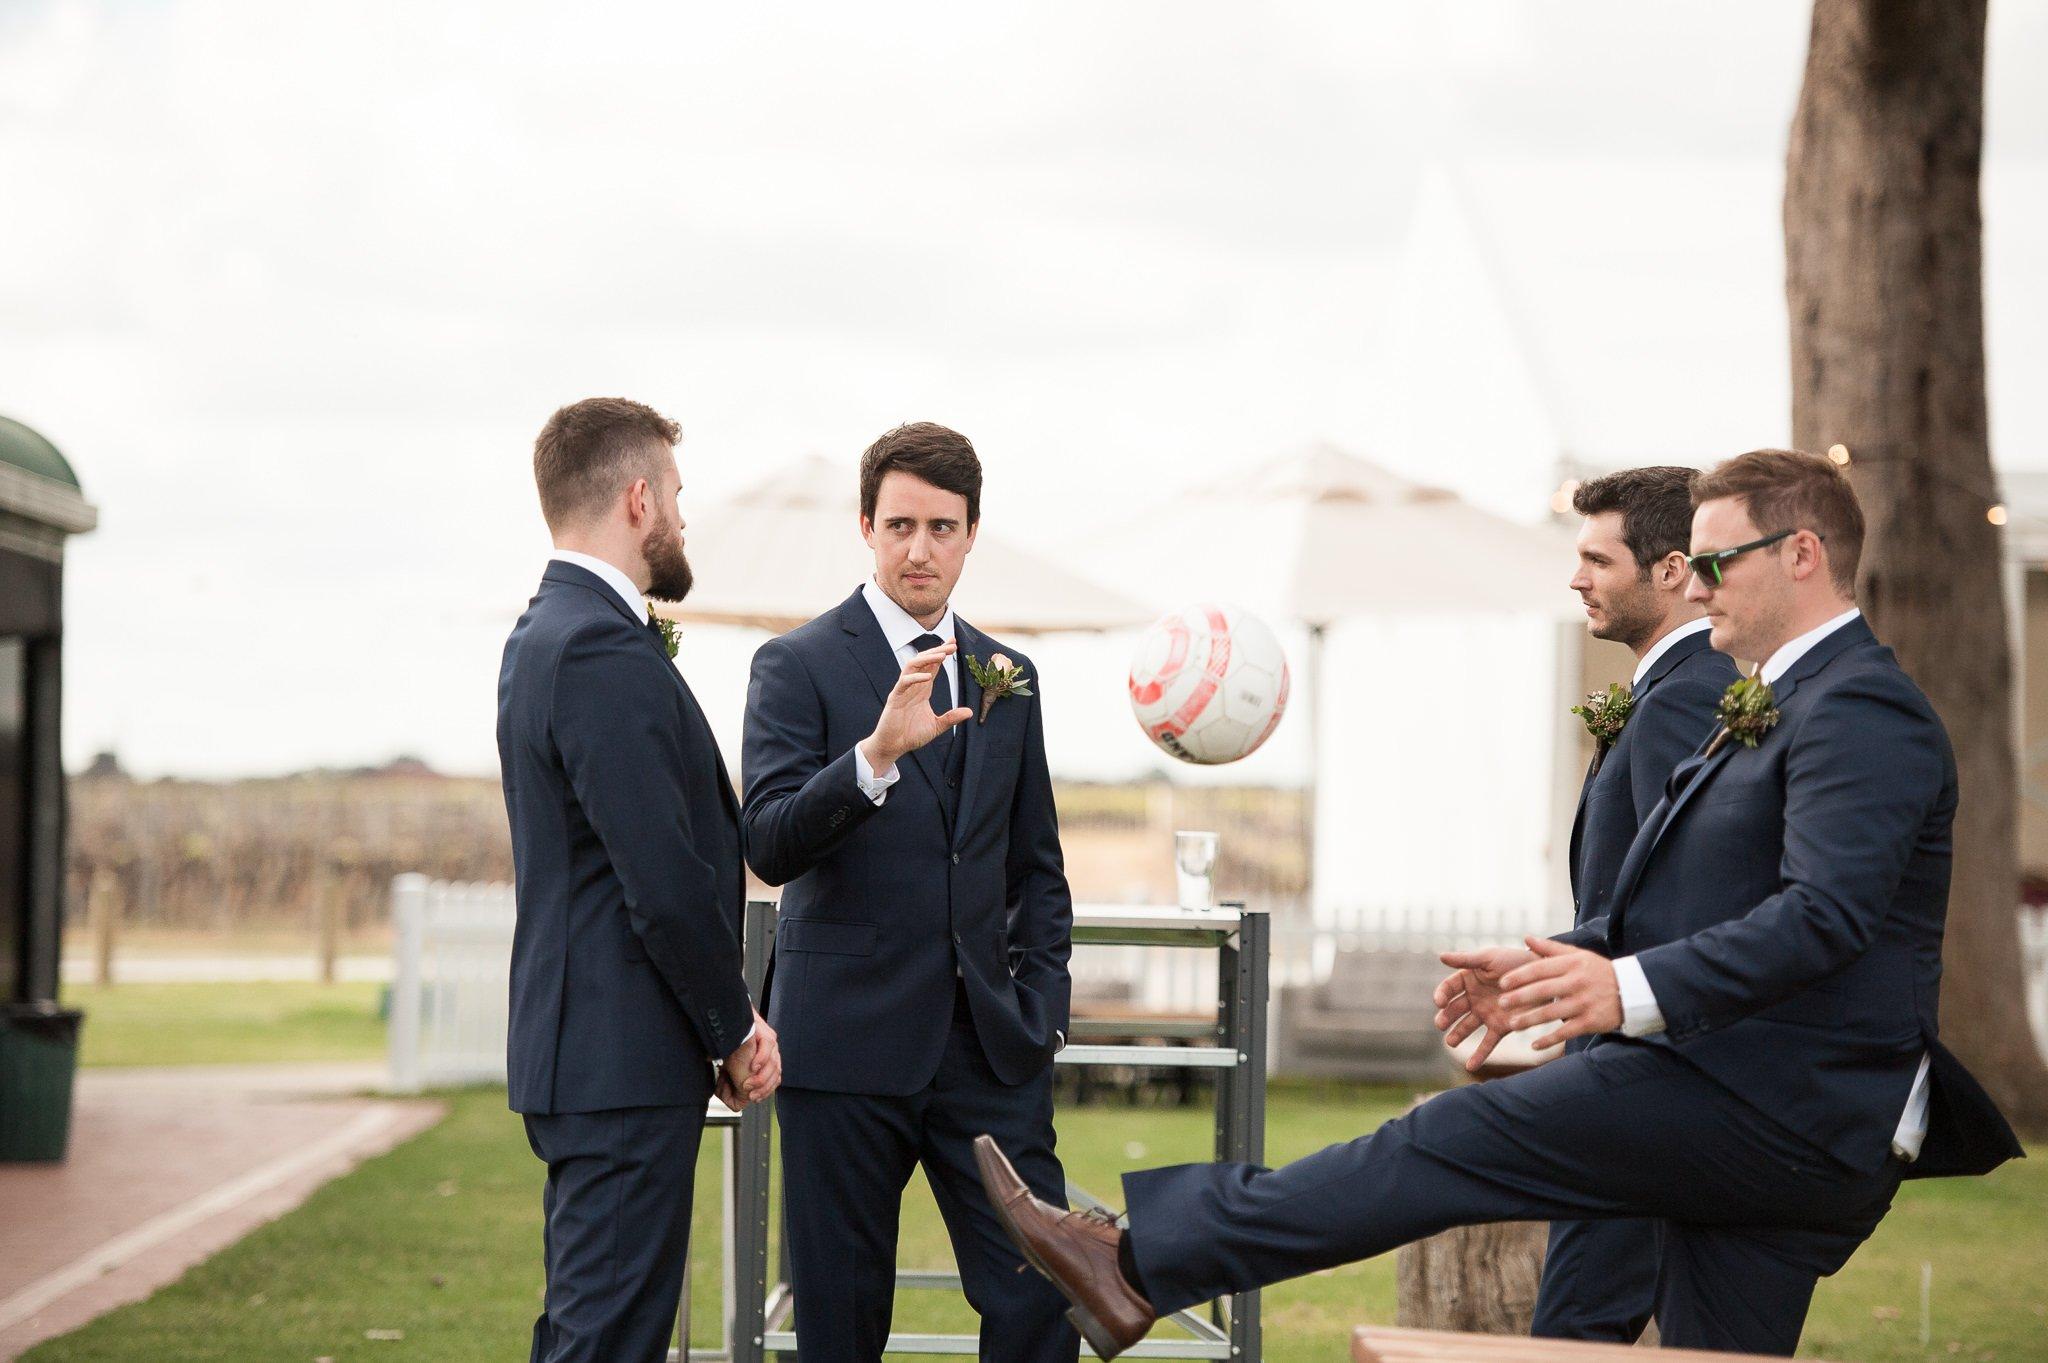 grooms men waiting